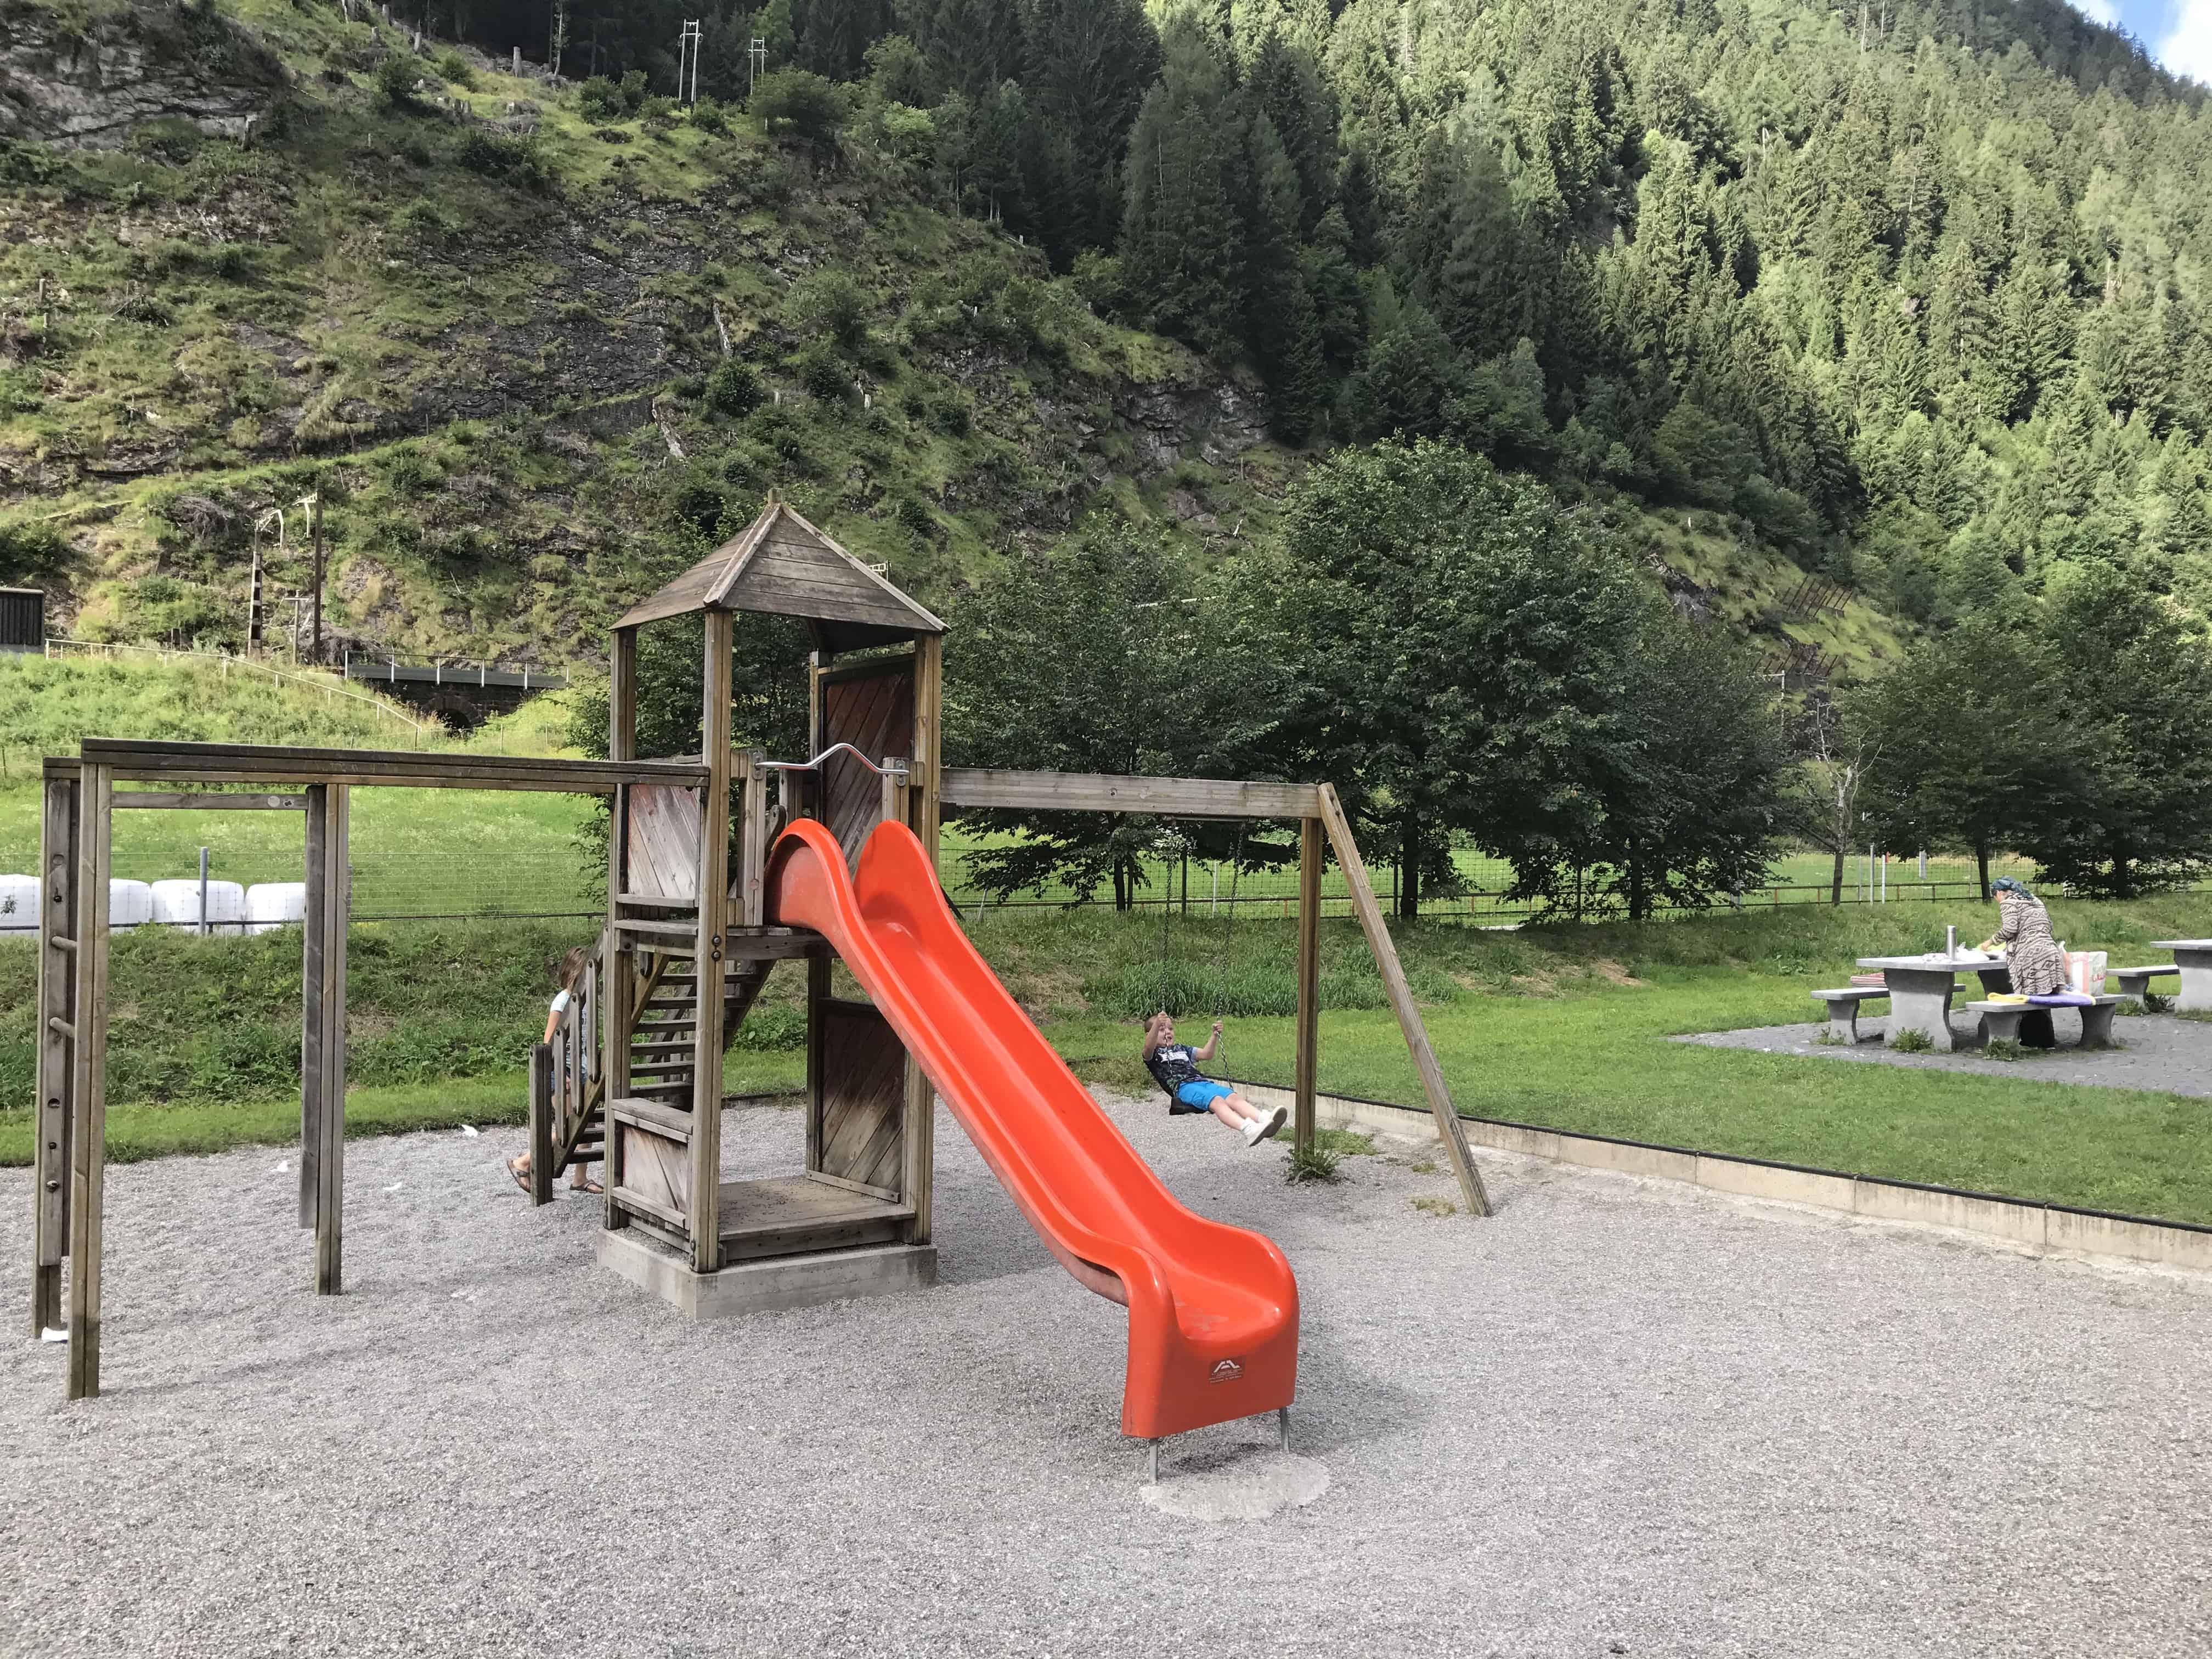 Kindvriendelijke parkeerplaatsen in Zwitserland met speeltuin